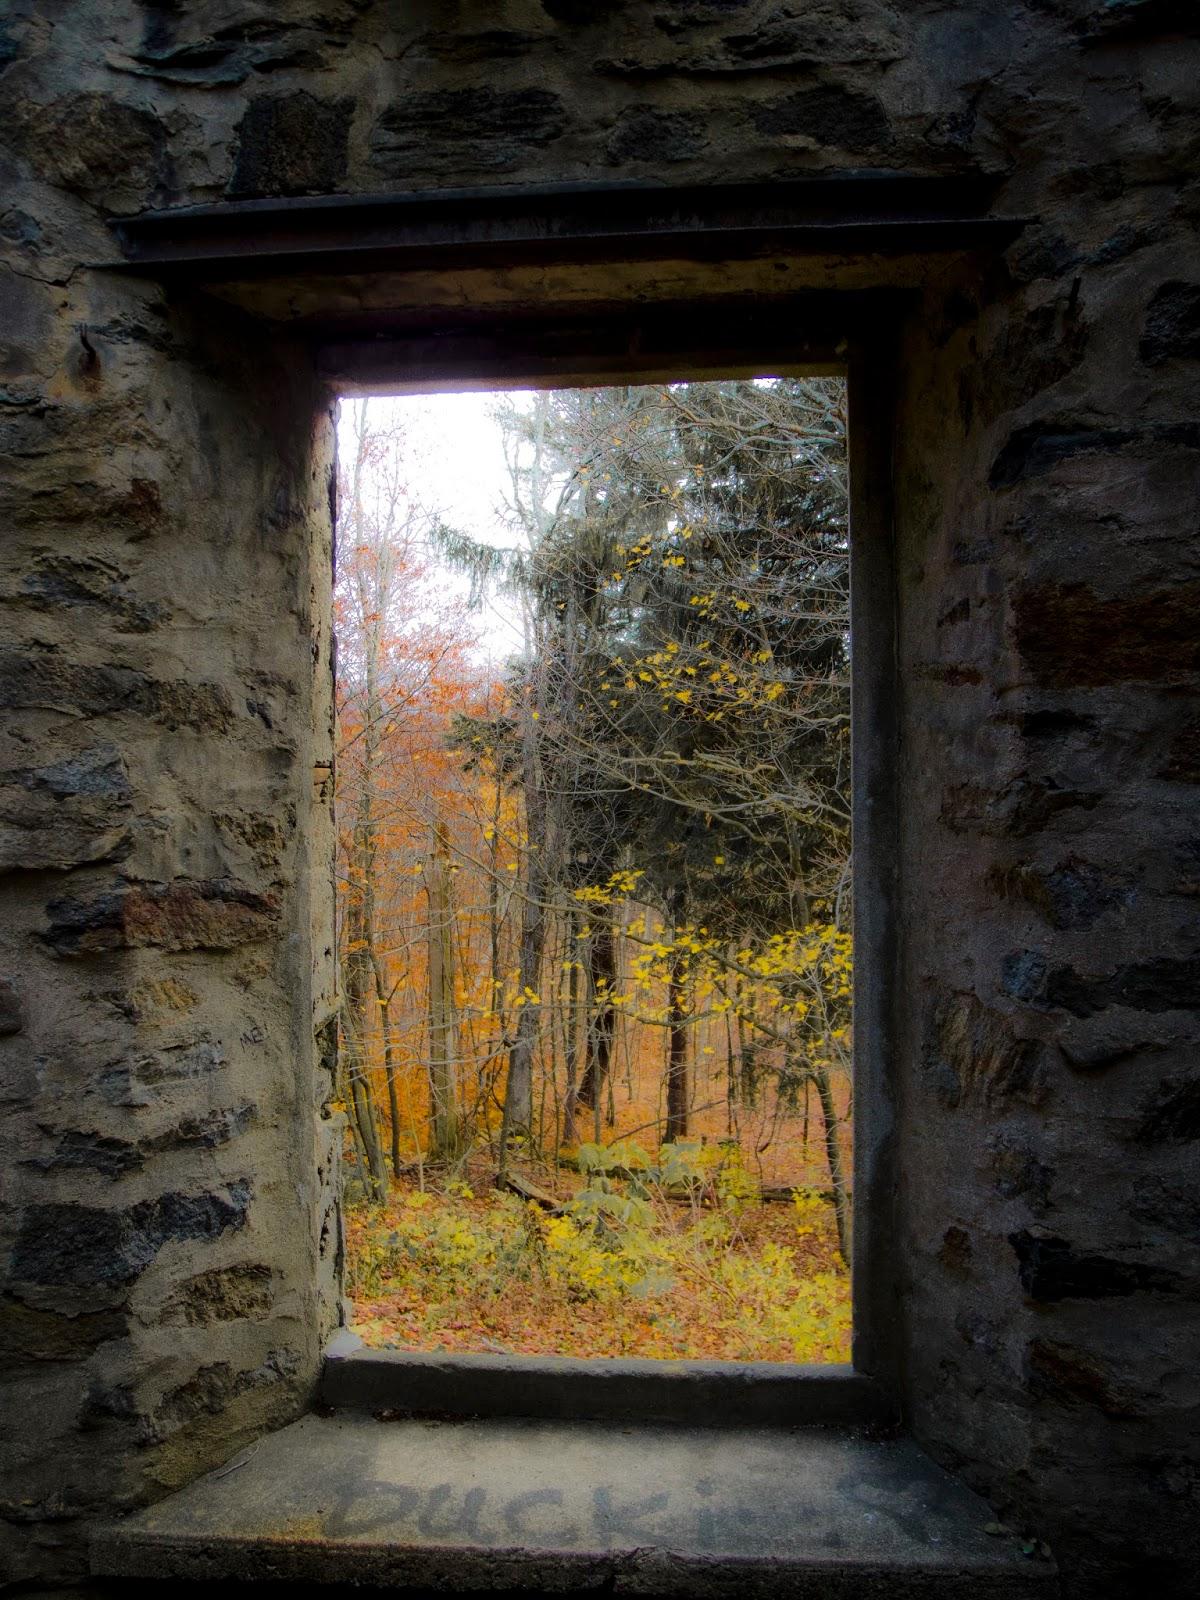 Cunningham Tower - Mattatuck Trail